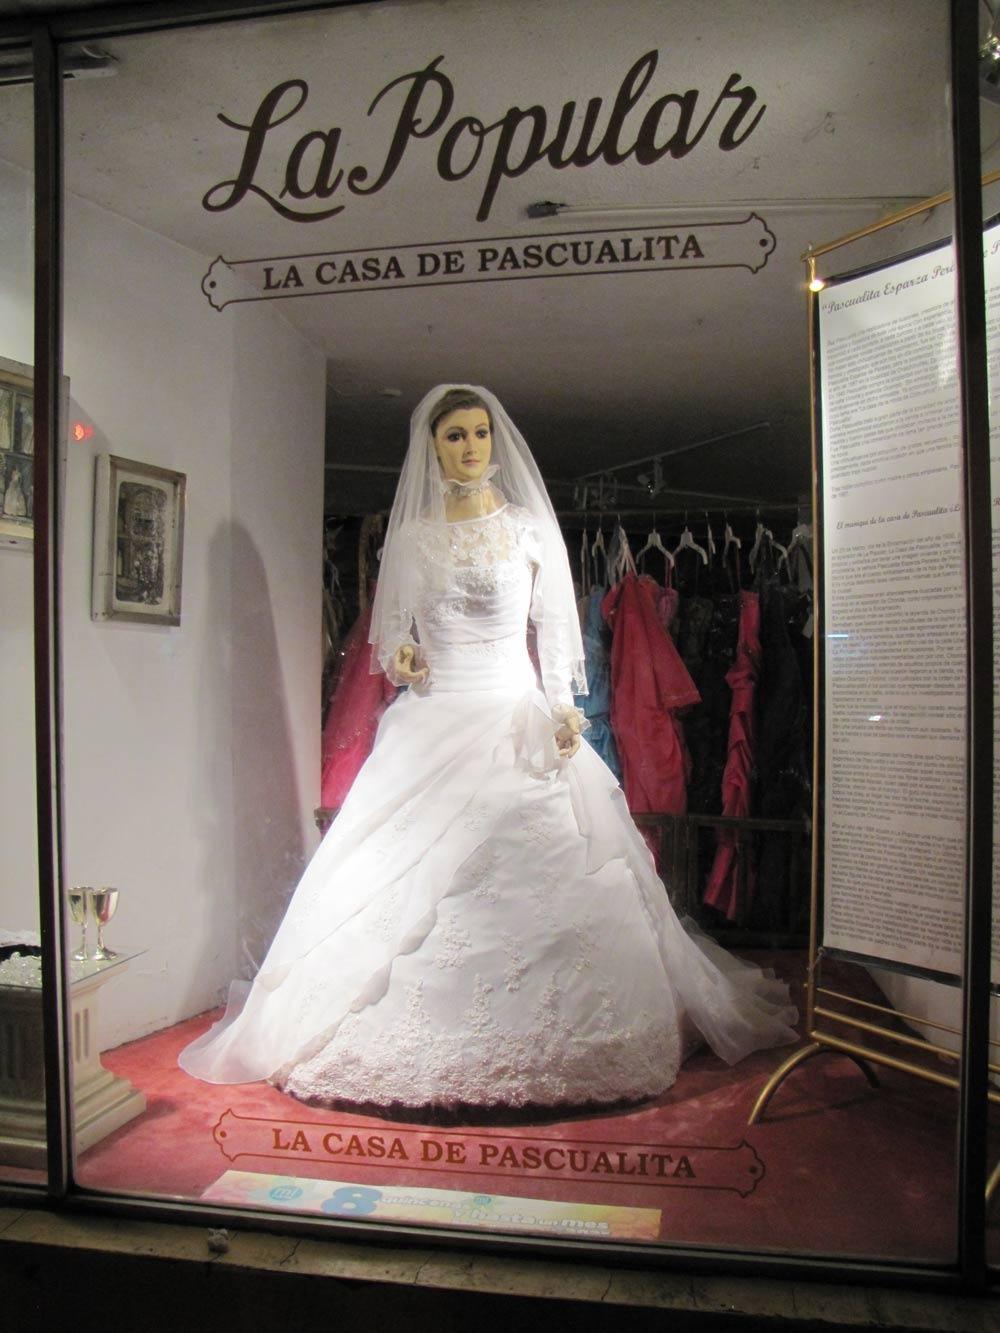 288 - Паскуалита: магазин свадебных платьев мертвой невесты